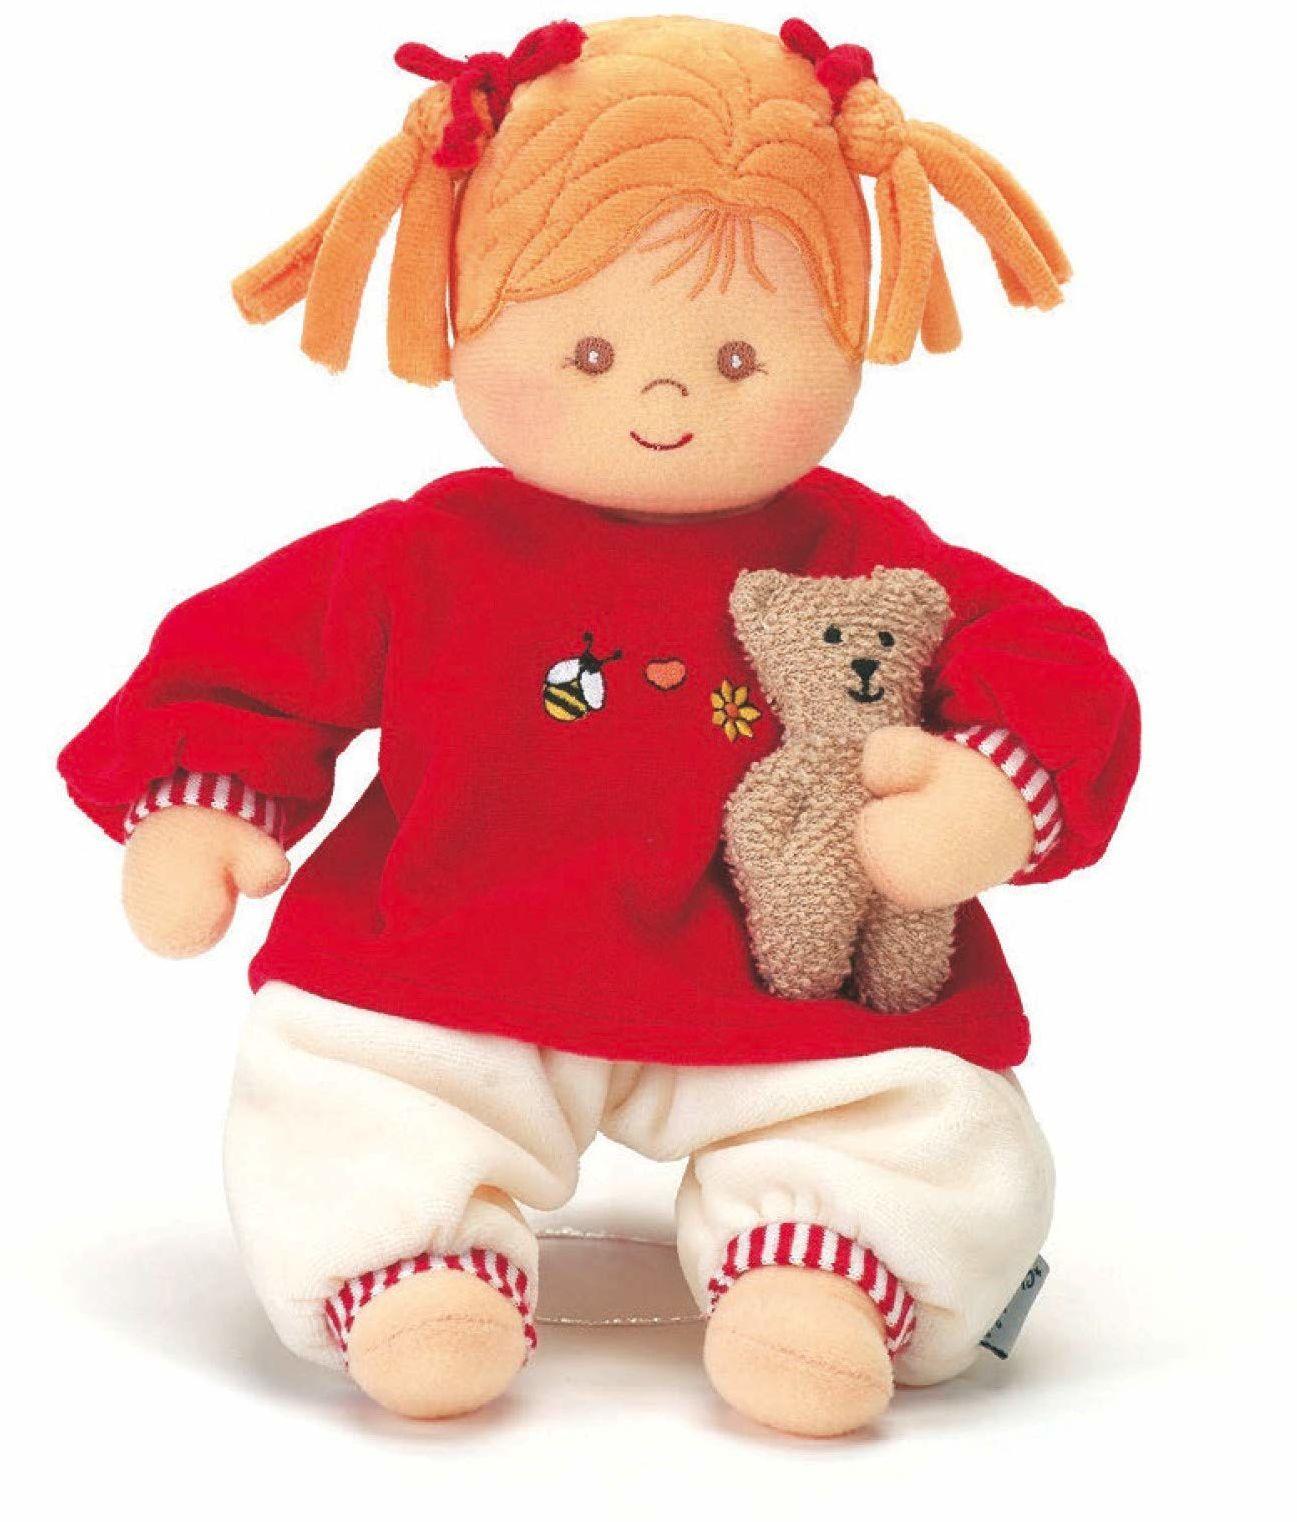 Sterntaler 3011570 lalka Magdalena, zintegrowana grzechotka, wiek: dla dzieci od urodzenia, 33 cm, czerwony/beżowy